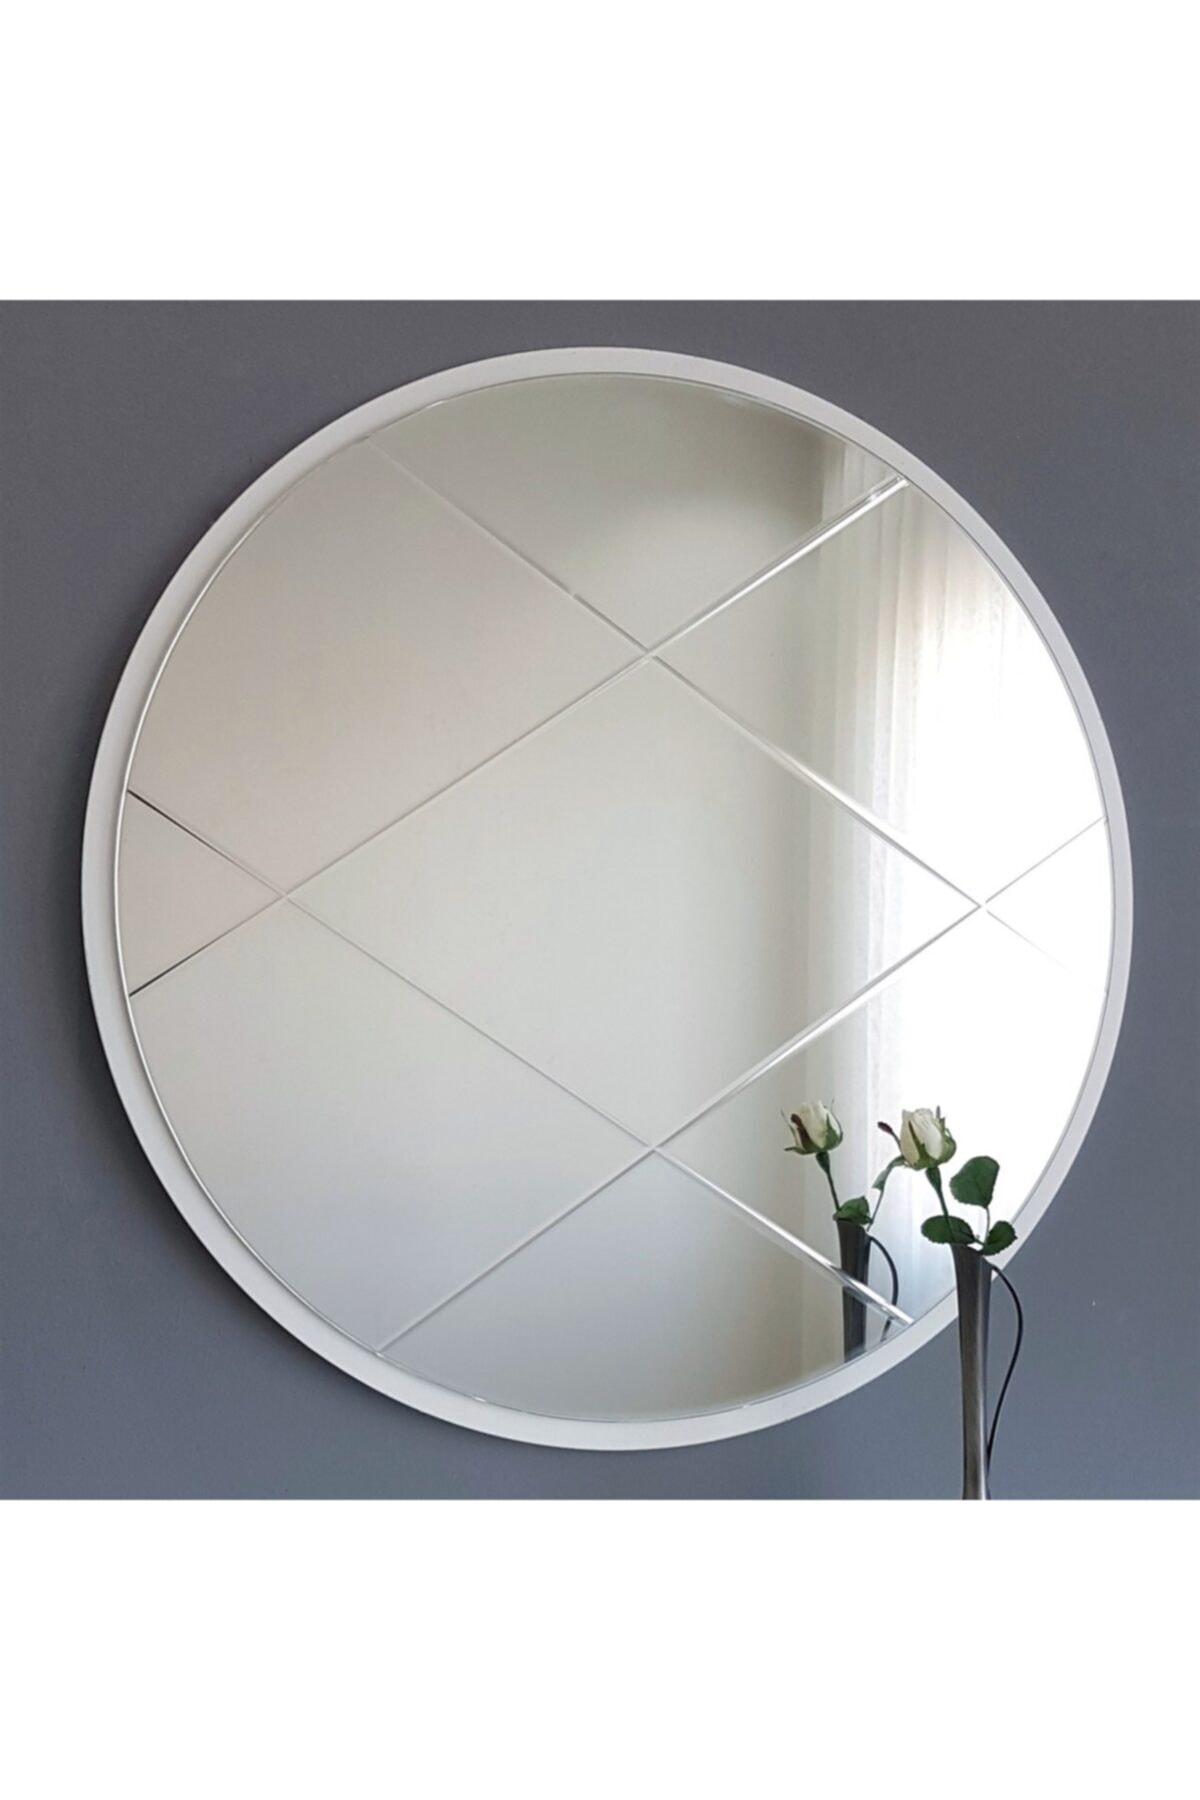 NEOstill - Baklava Desen Ayna 60 Cm A700 1